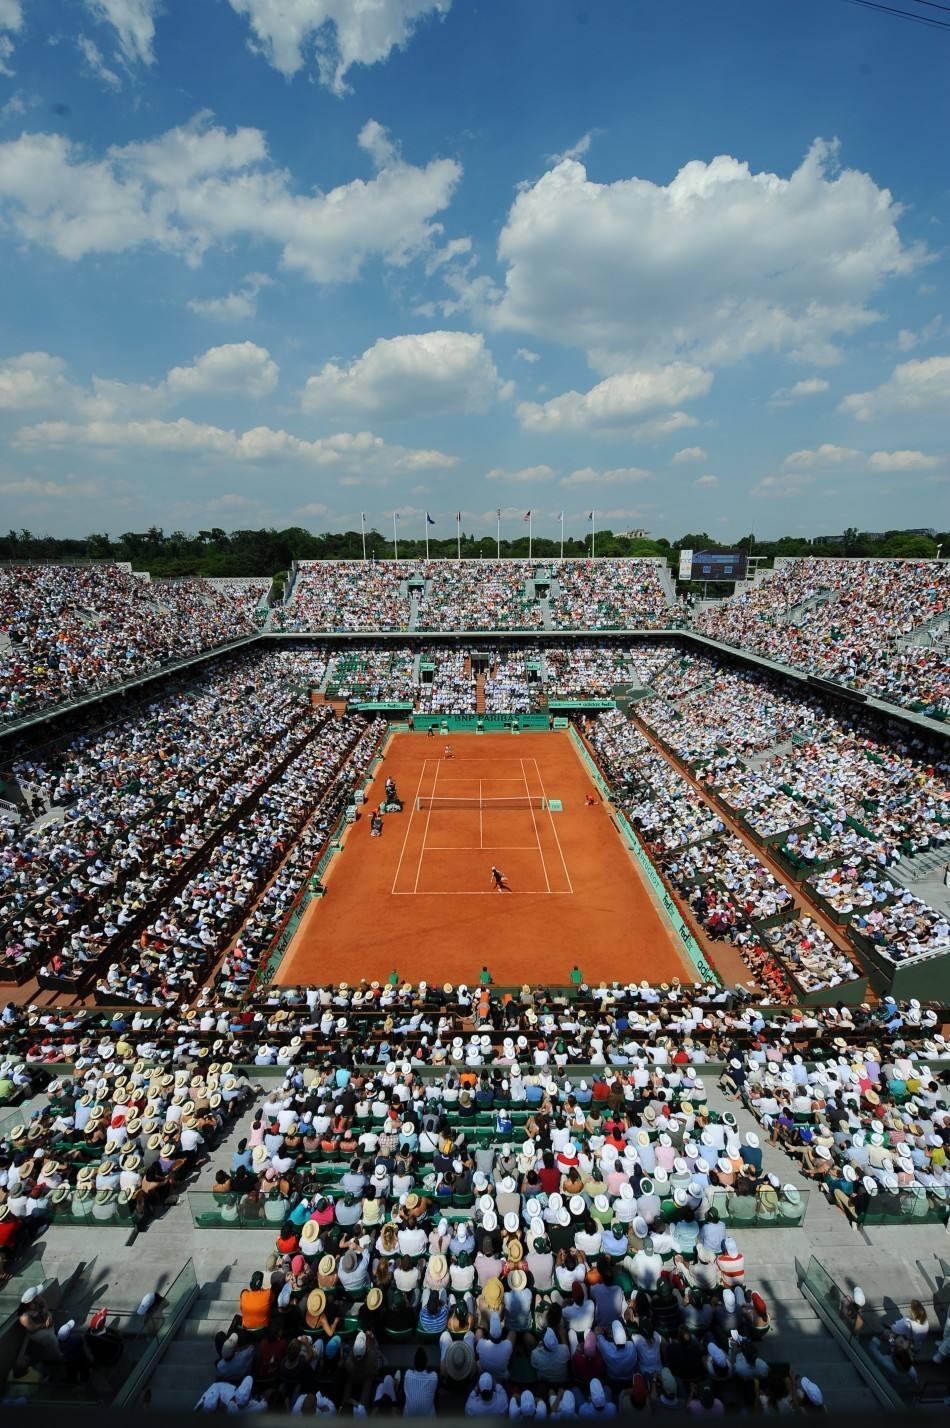 法網每天允許11500名觀眾入場球員每